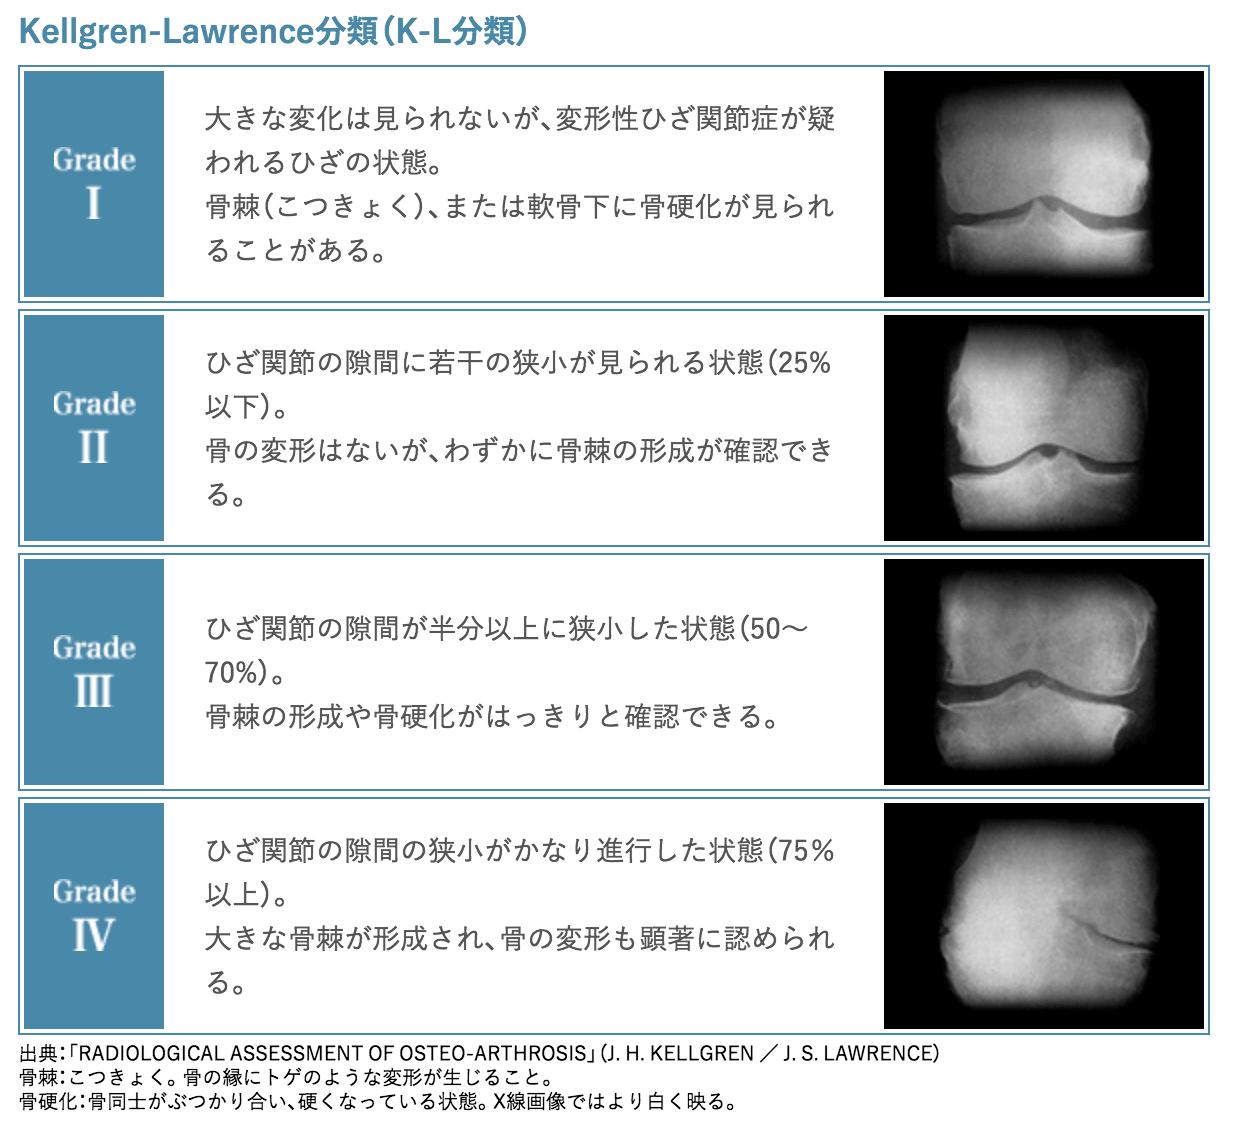 変形性膝関節症のグレード説明